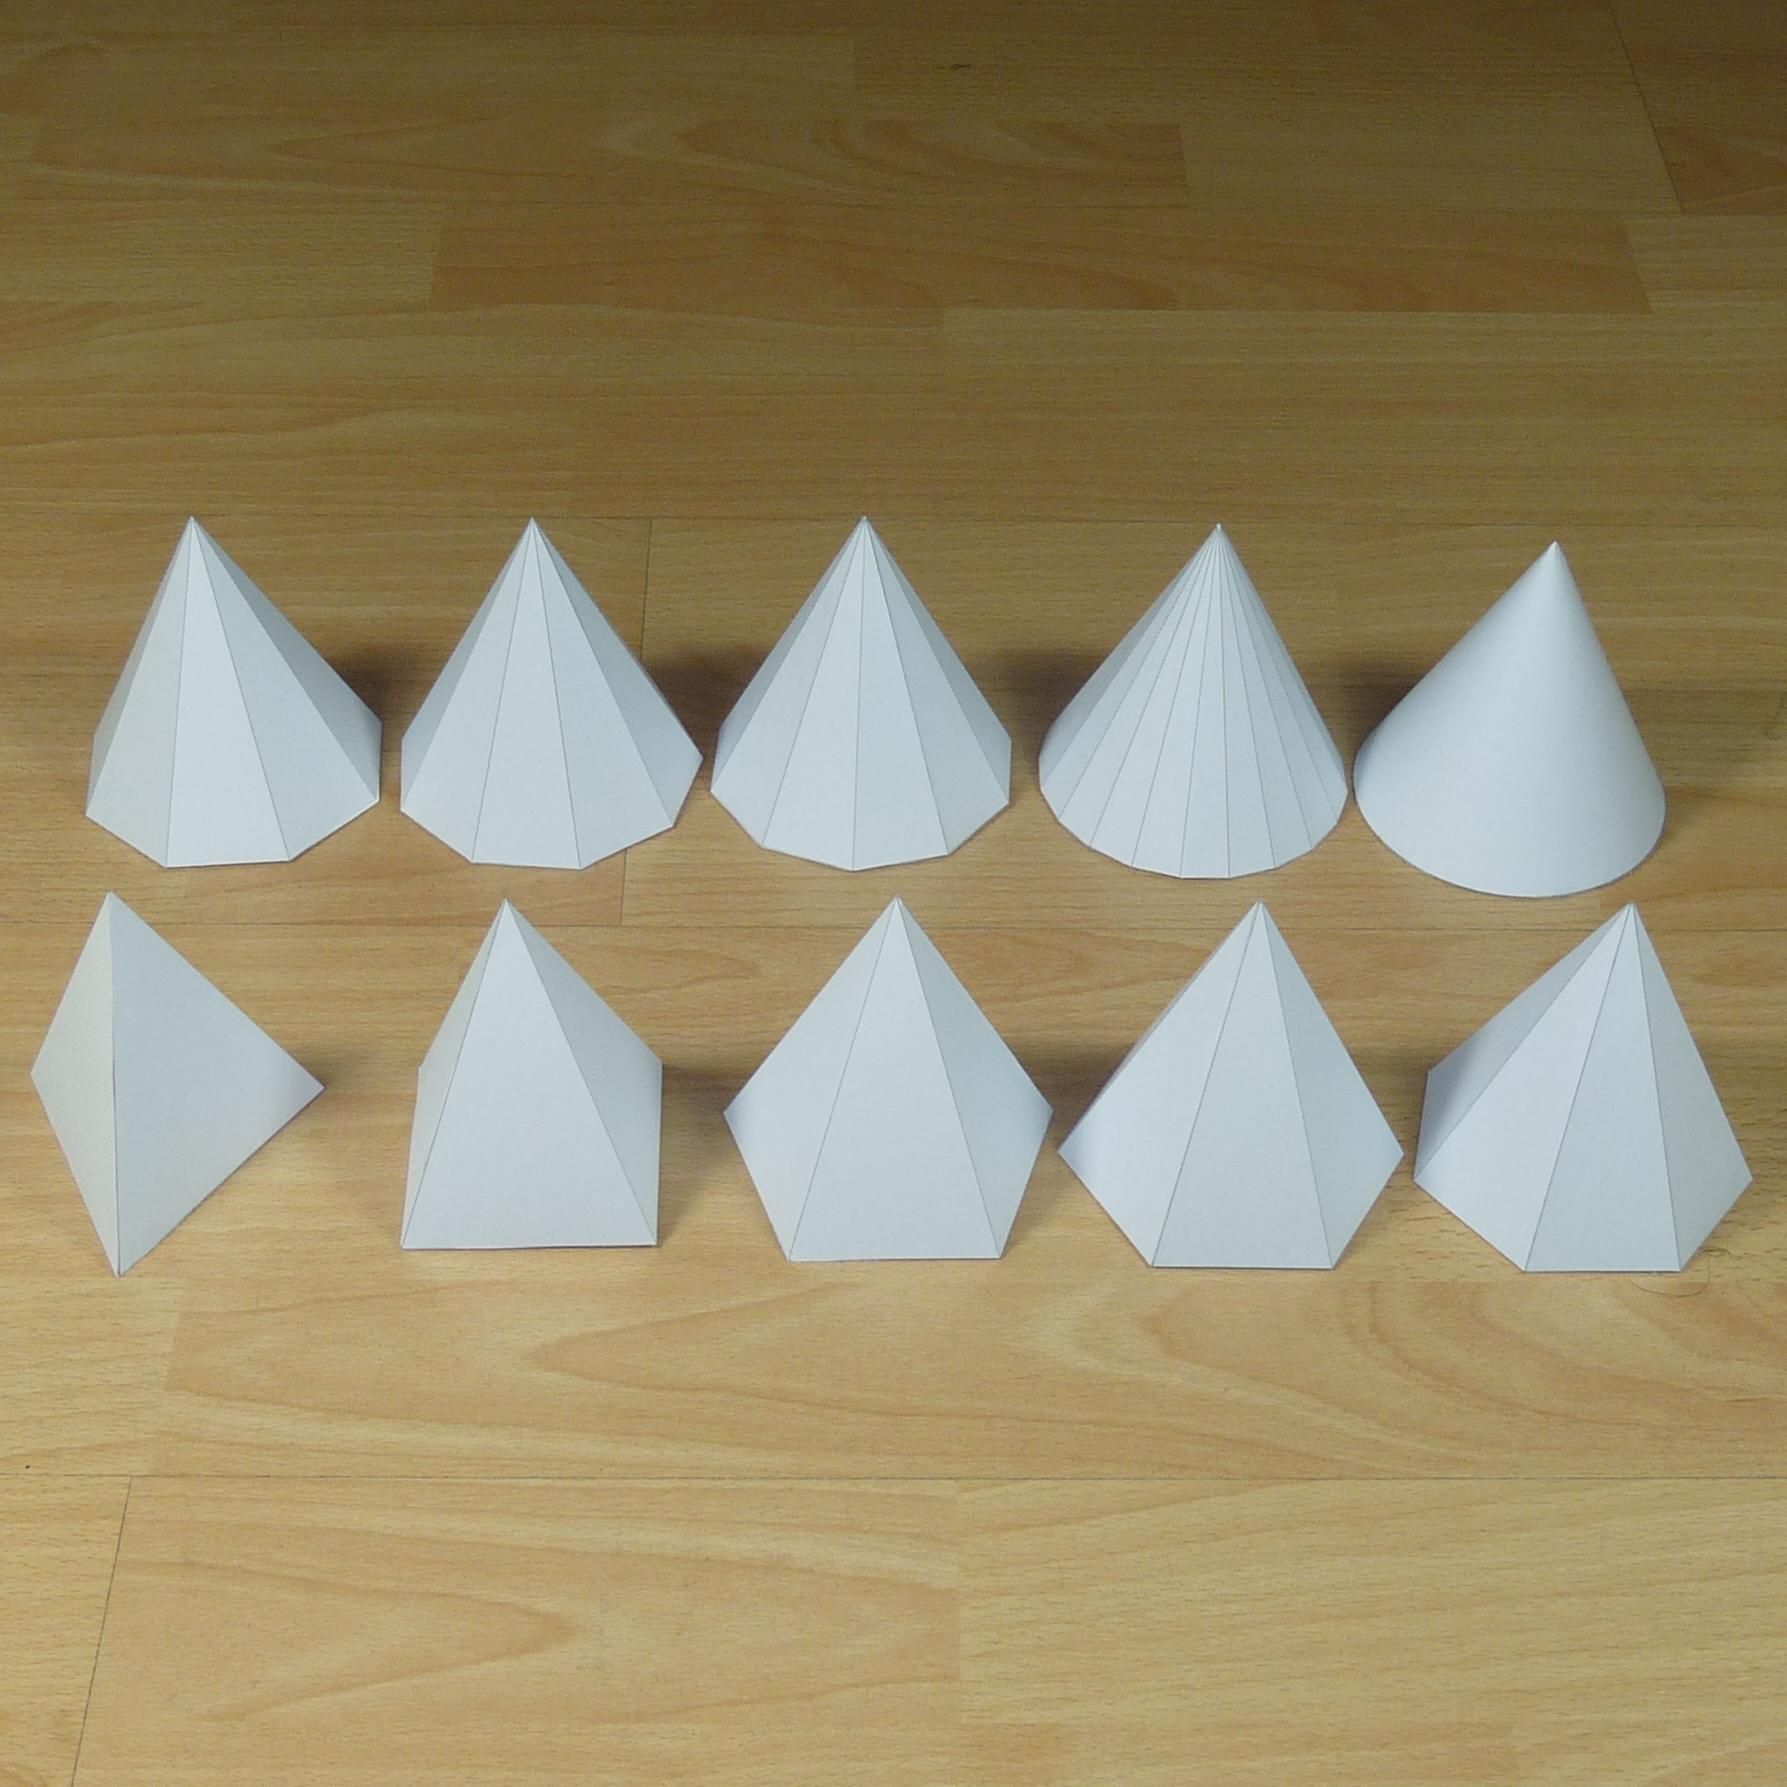 Modelli di carta di piramidi della stessa altezza